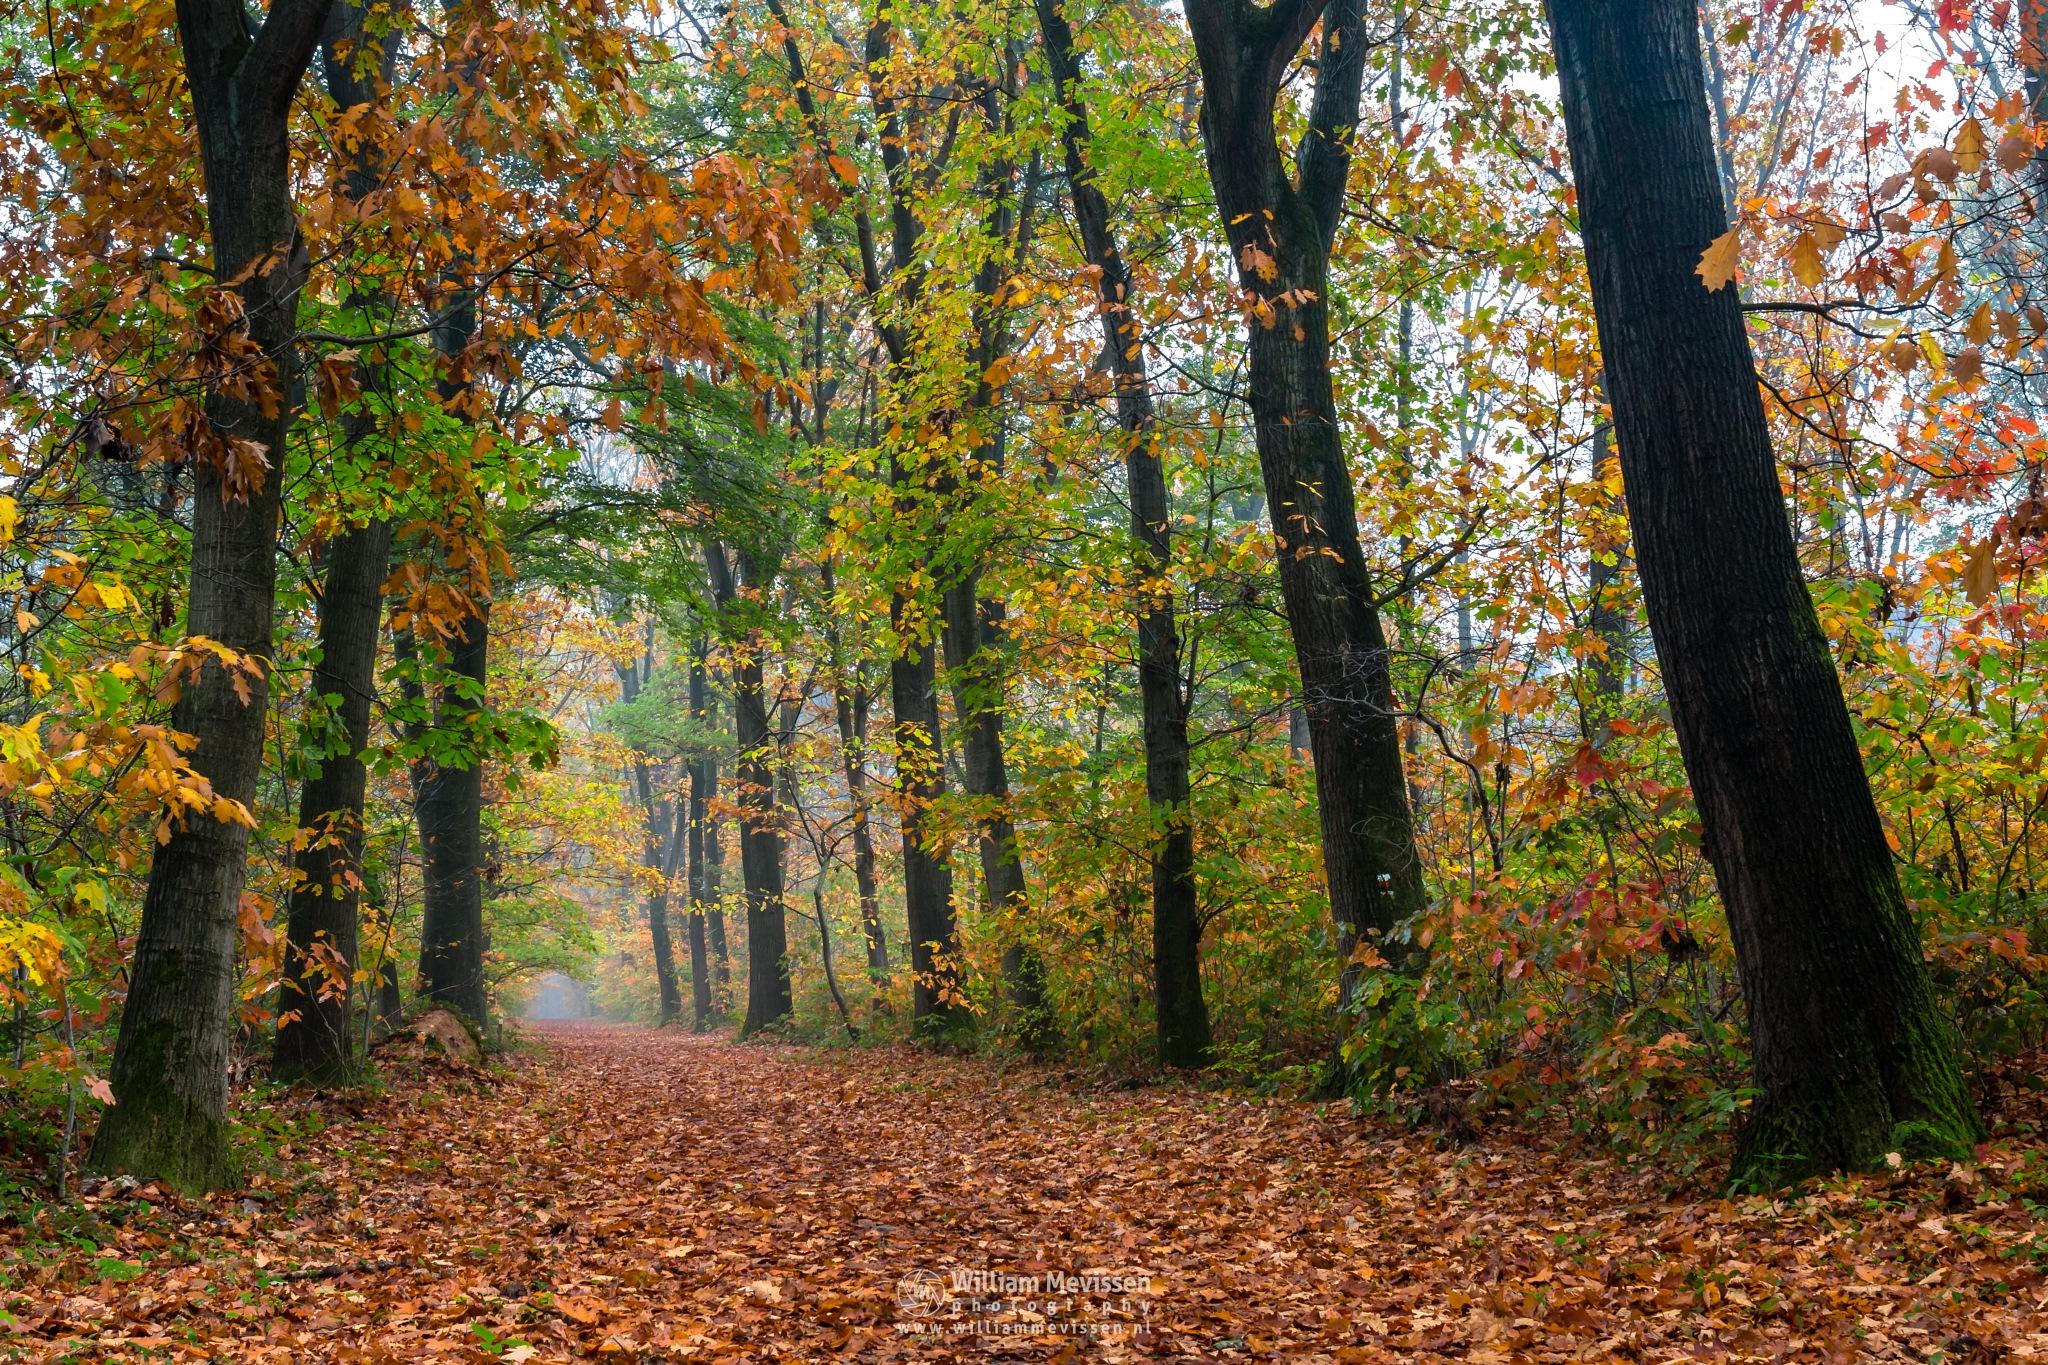 Autumn Funnel by William Mevissen